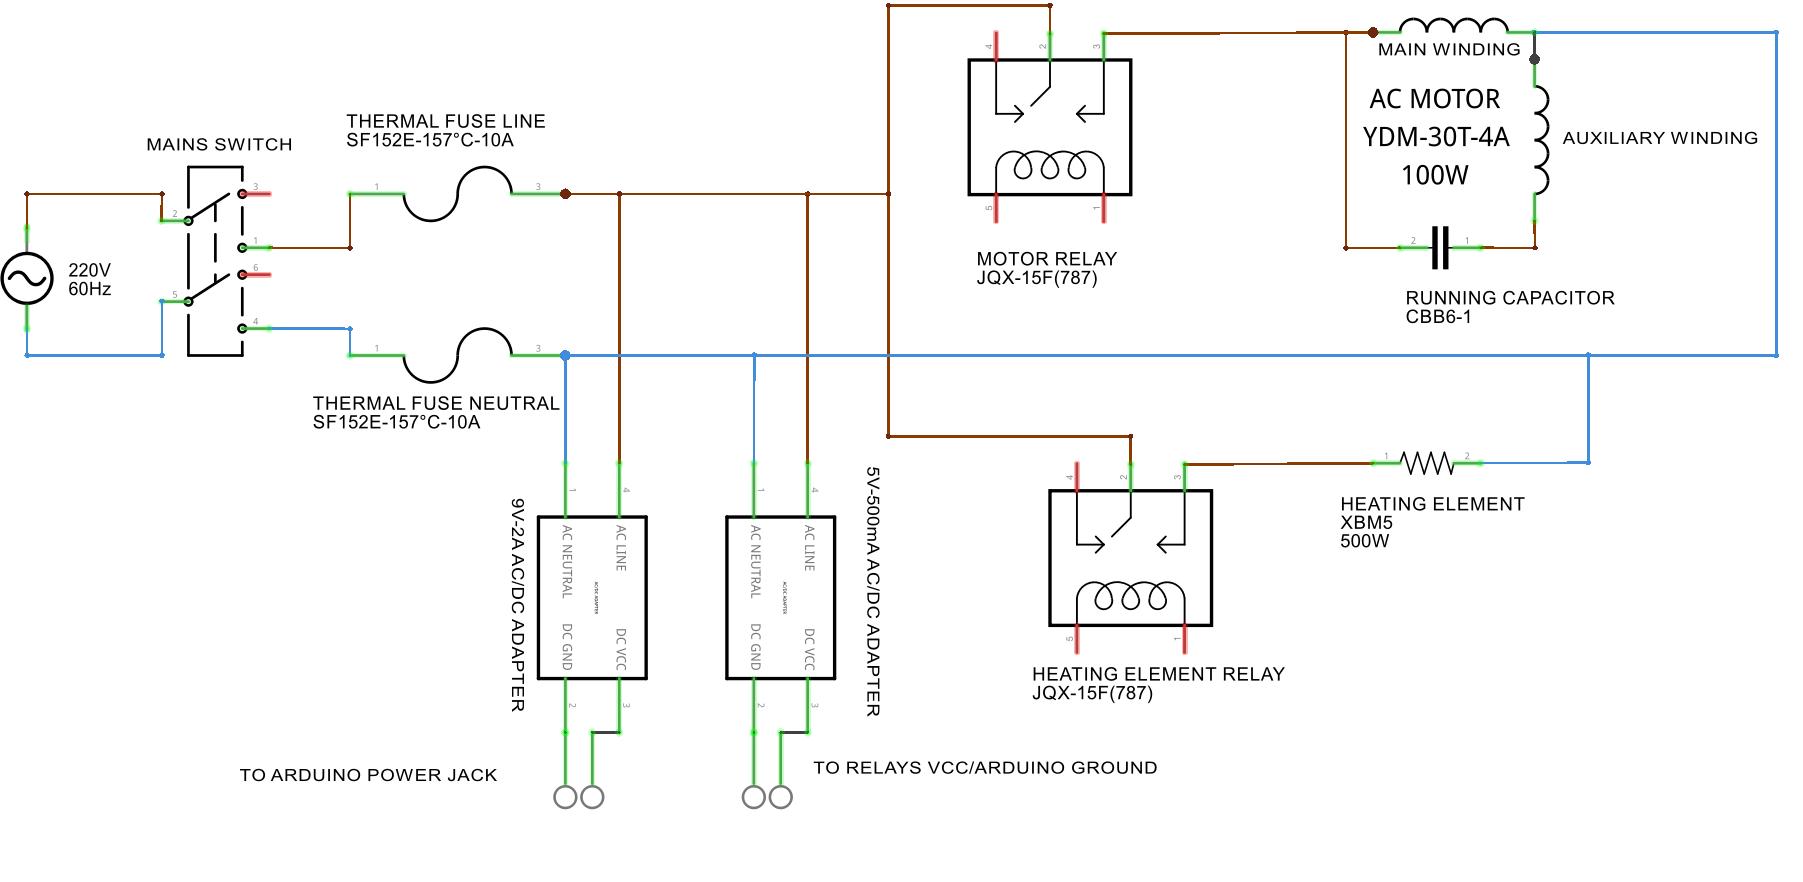 Bread Maker Motor Wire Diagram Automotive Block Diagram \u2022 Wye Motor  Diagram Bread Maker Motor Wire Diagram